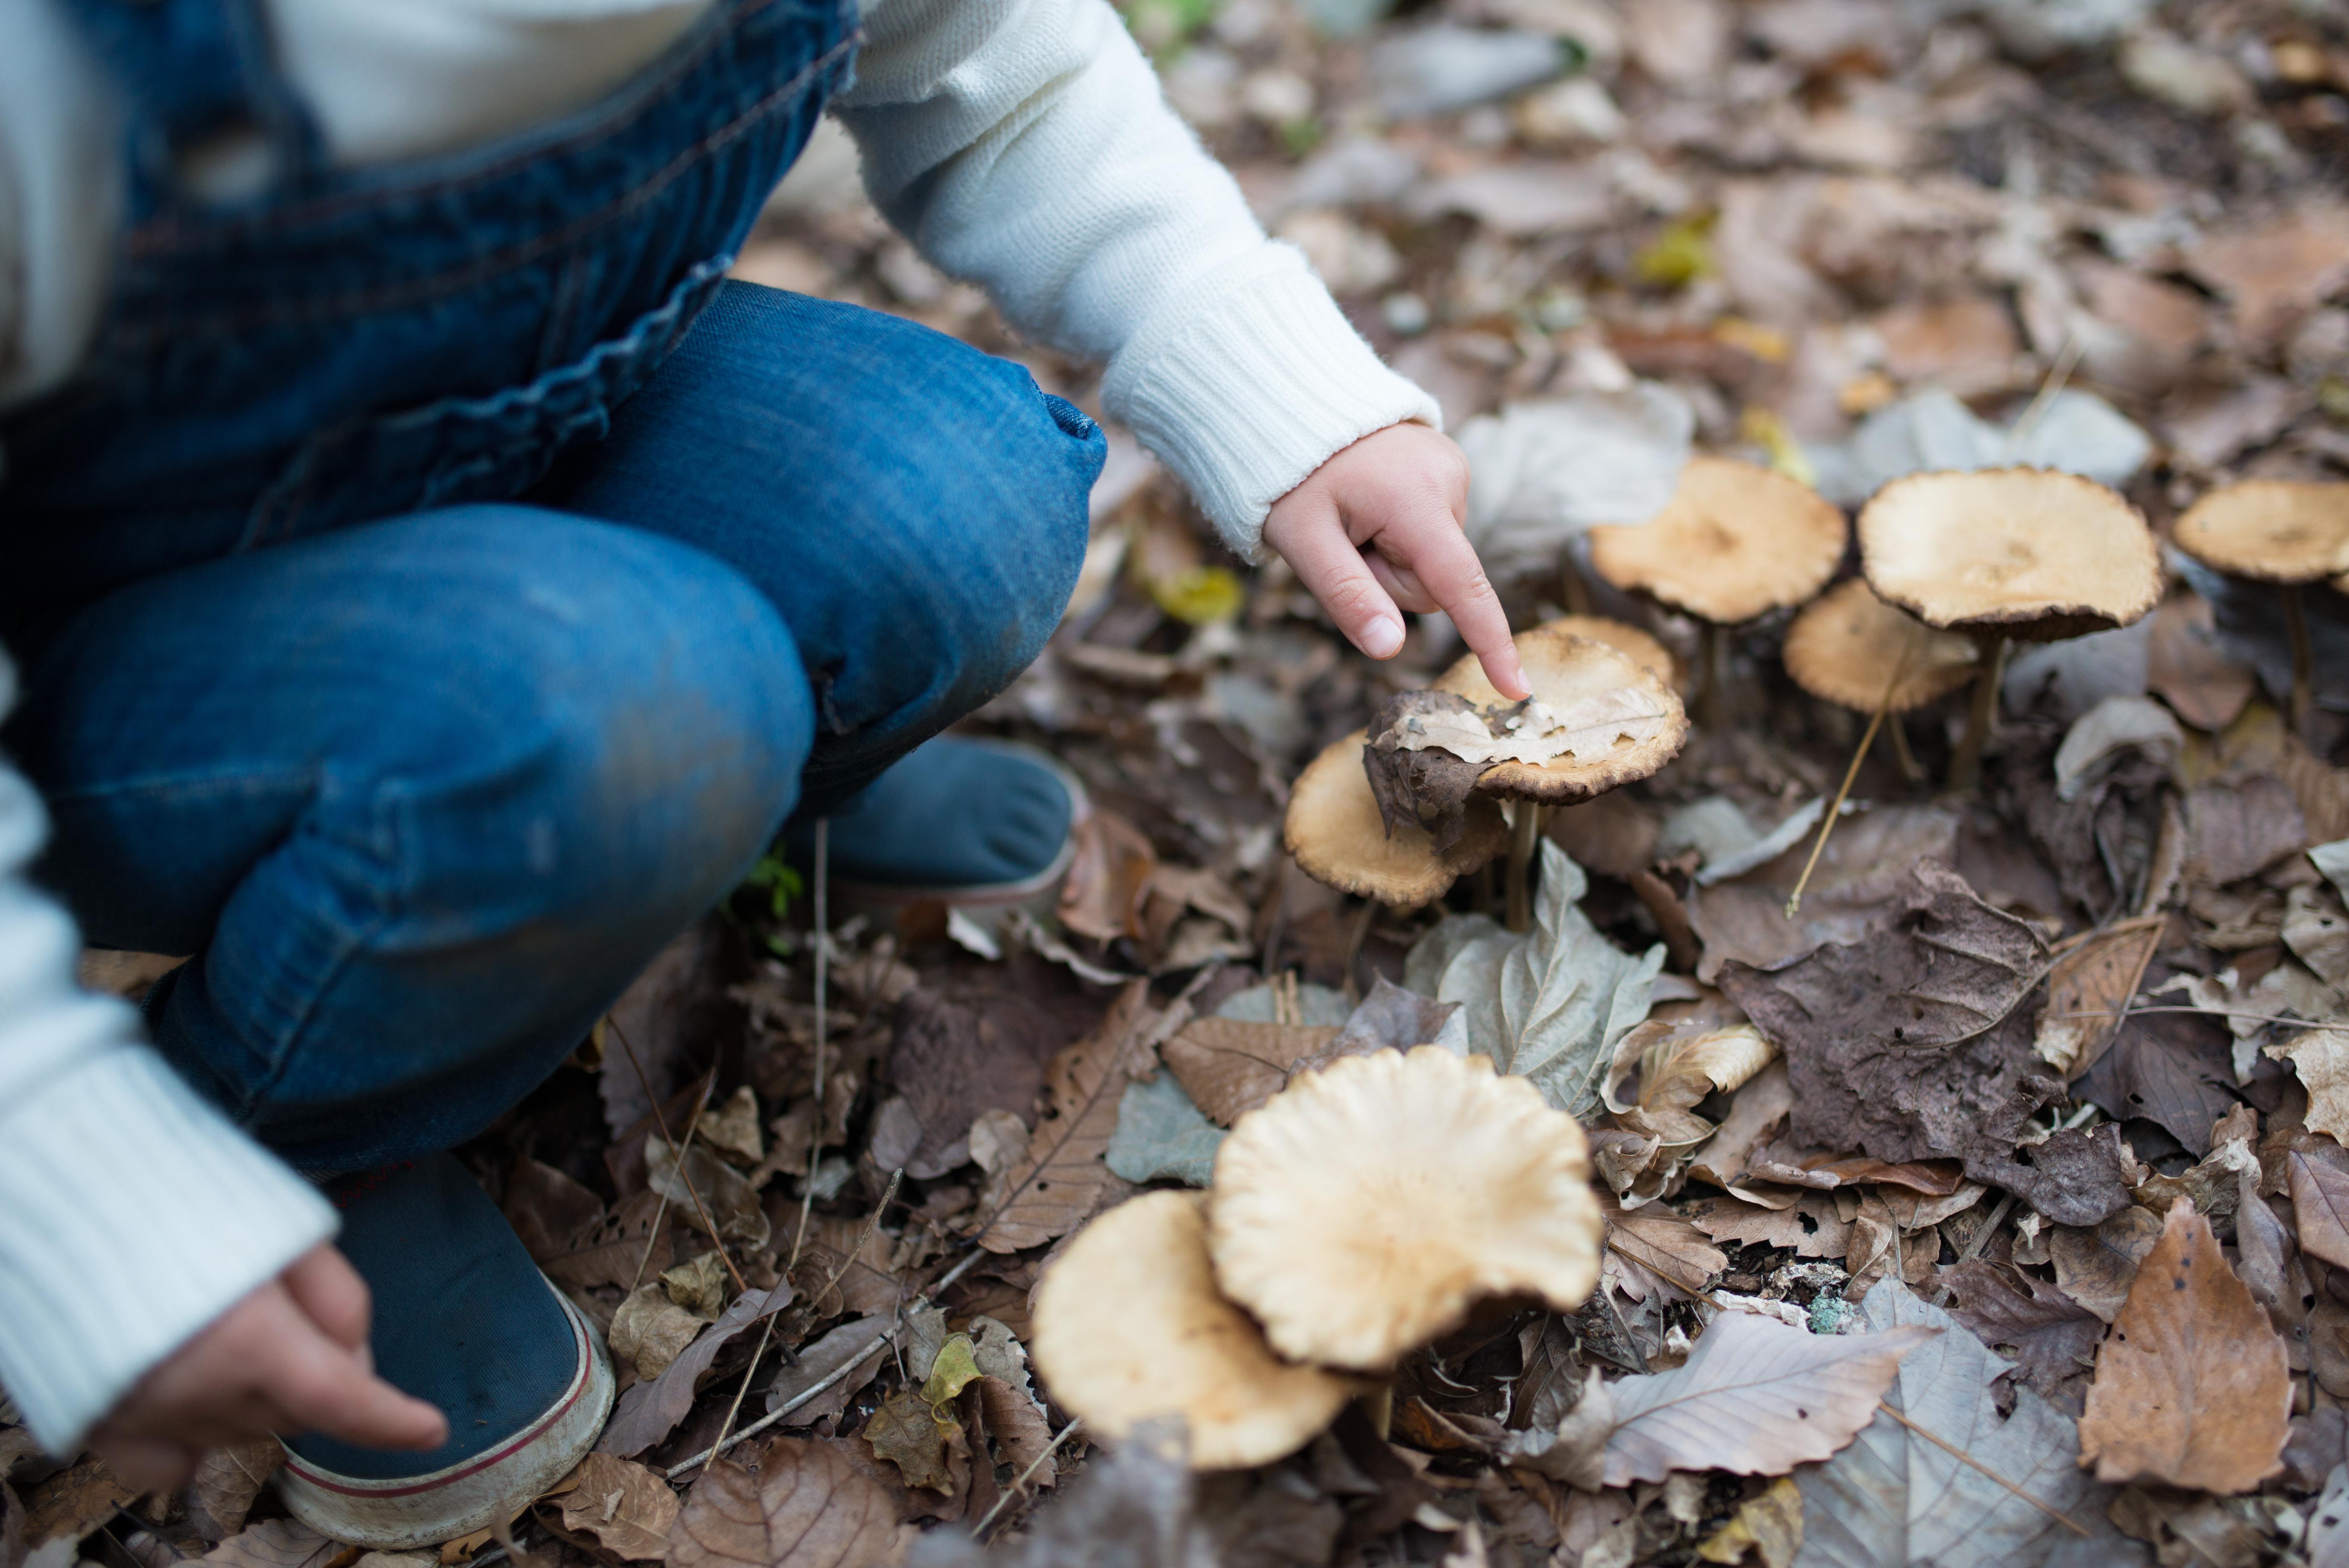 Barn är nyfikna till sin natur och det förekommer att de smakar på svampar som växer i skog och mark.